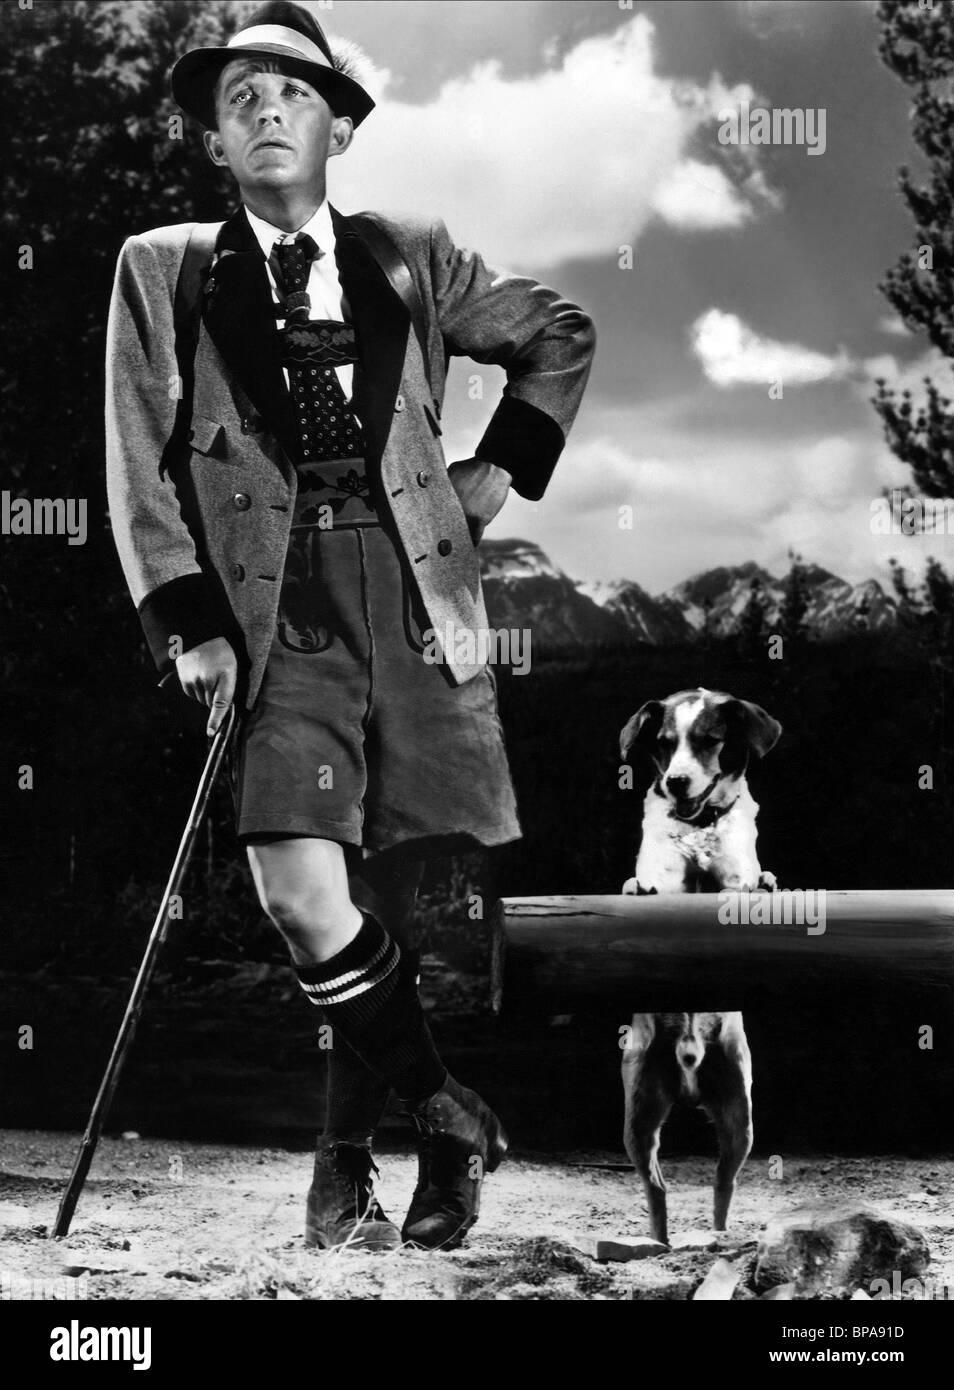 BING CROSBY THE EMPEROR WALTZ (1948) - Stock Image